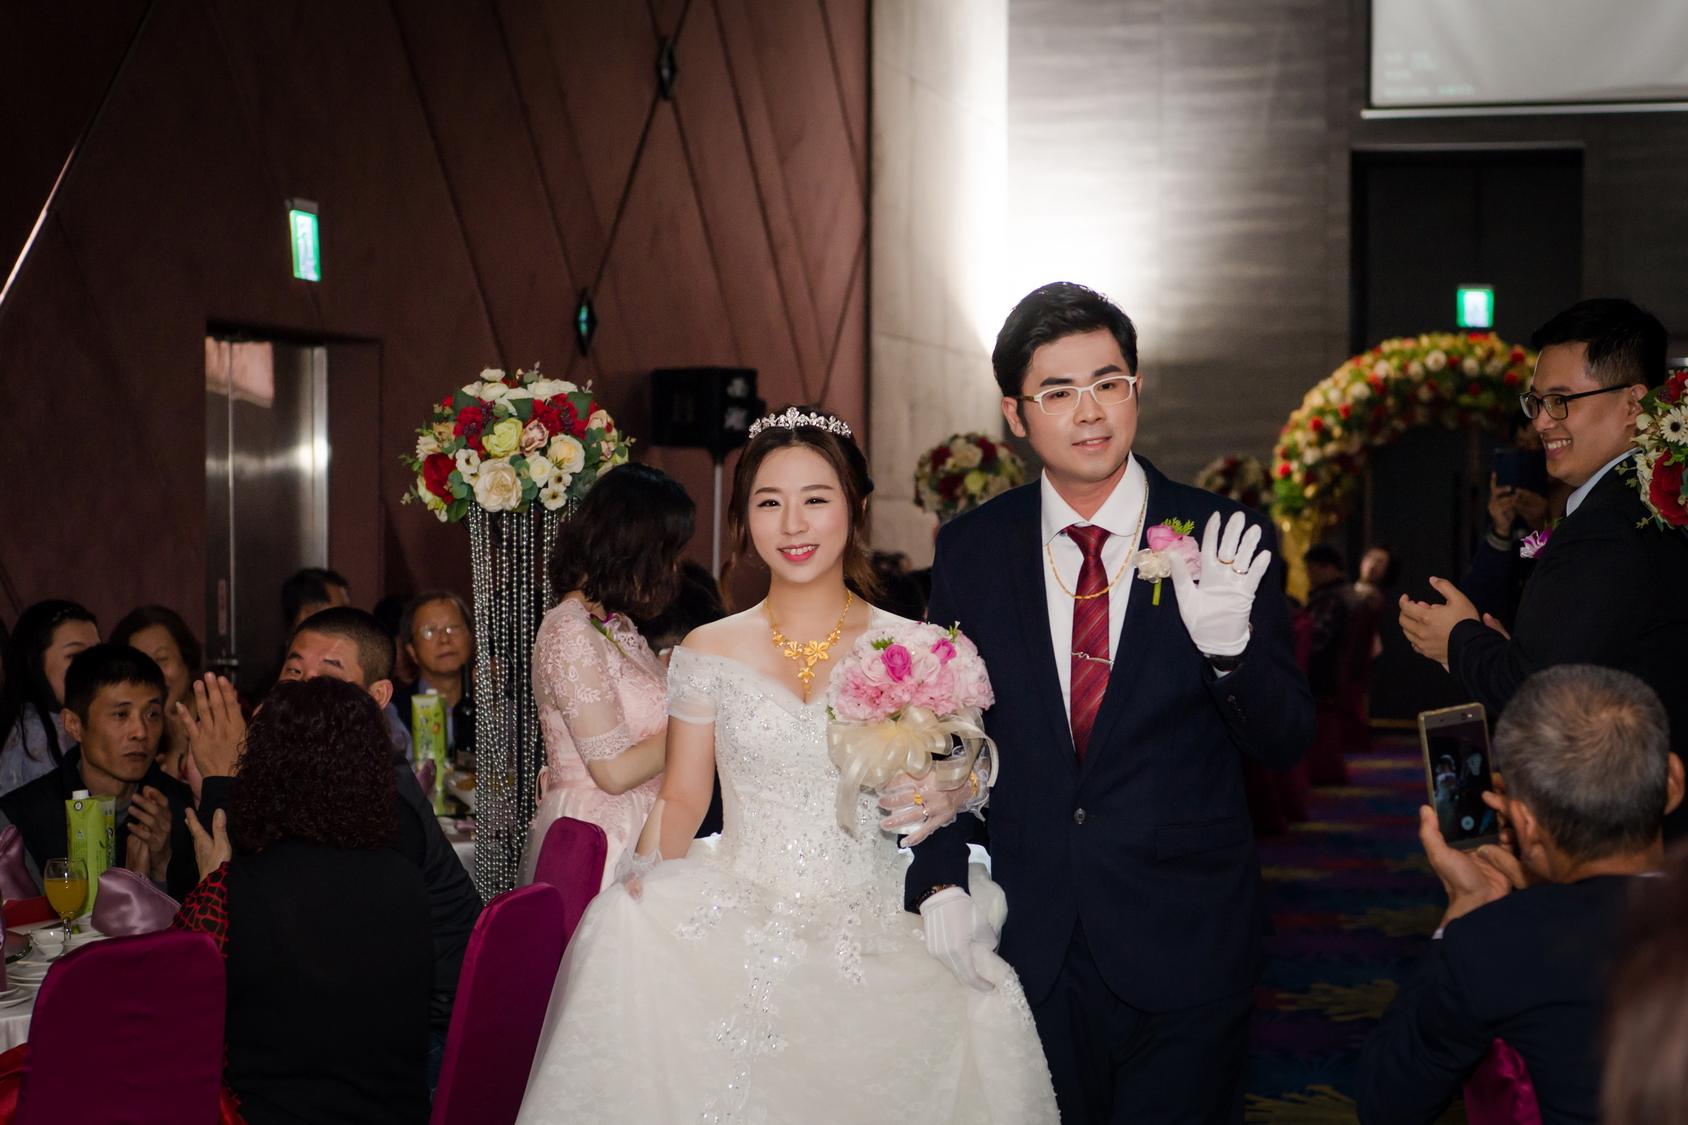 【比堤婚紗.結婚.婚禮紀錄】哲宇 ♥ 貝恩_46